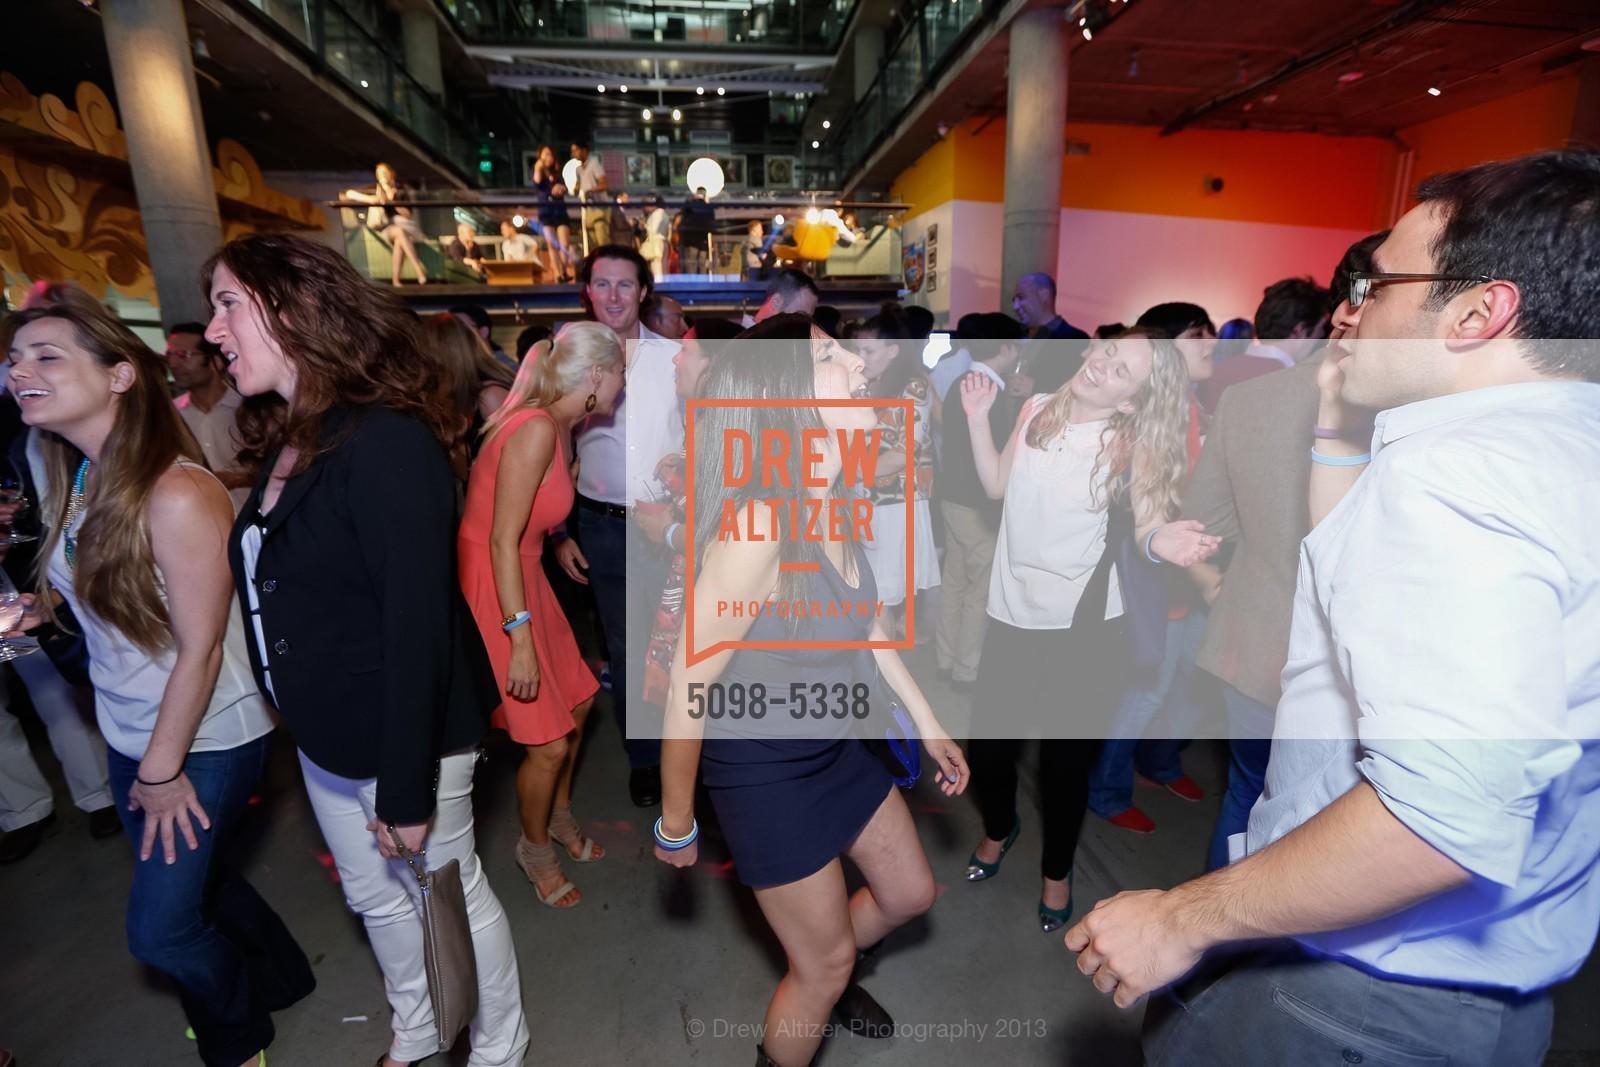 Dance Floor, Photo #5098-5338